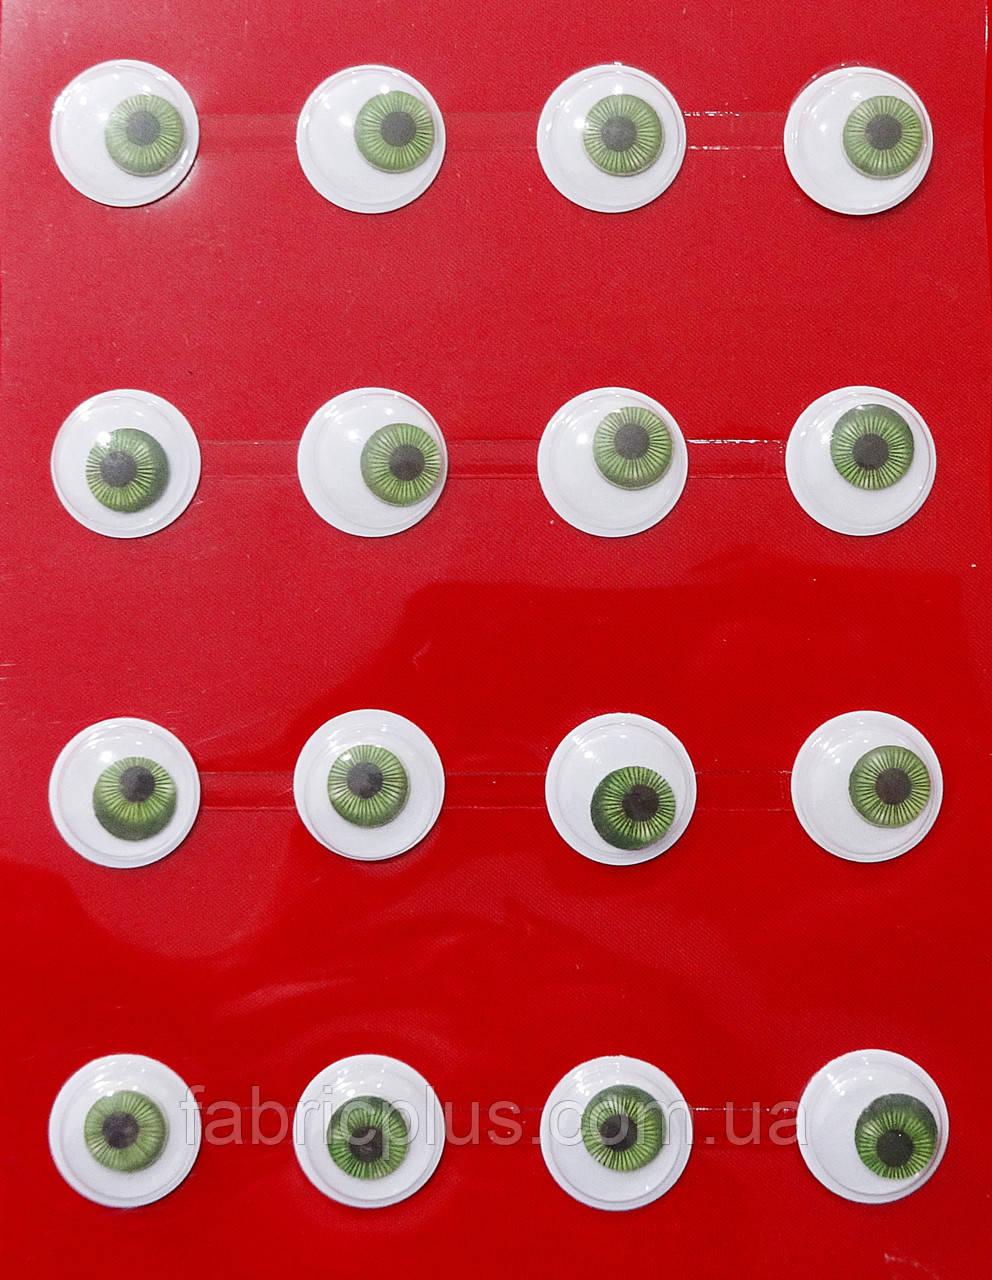 Глазки  клеевые (15 мм) зеленые на стикере